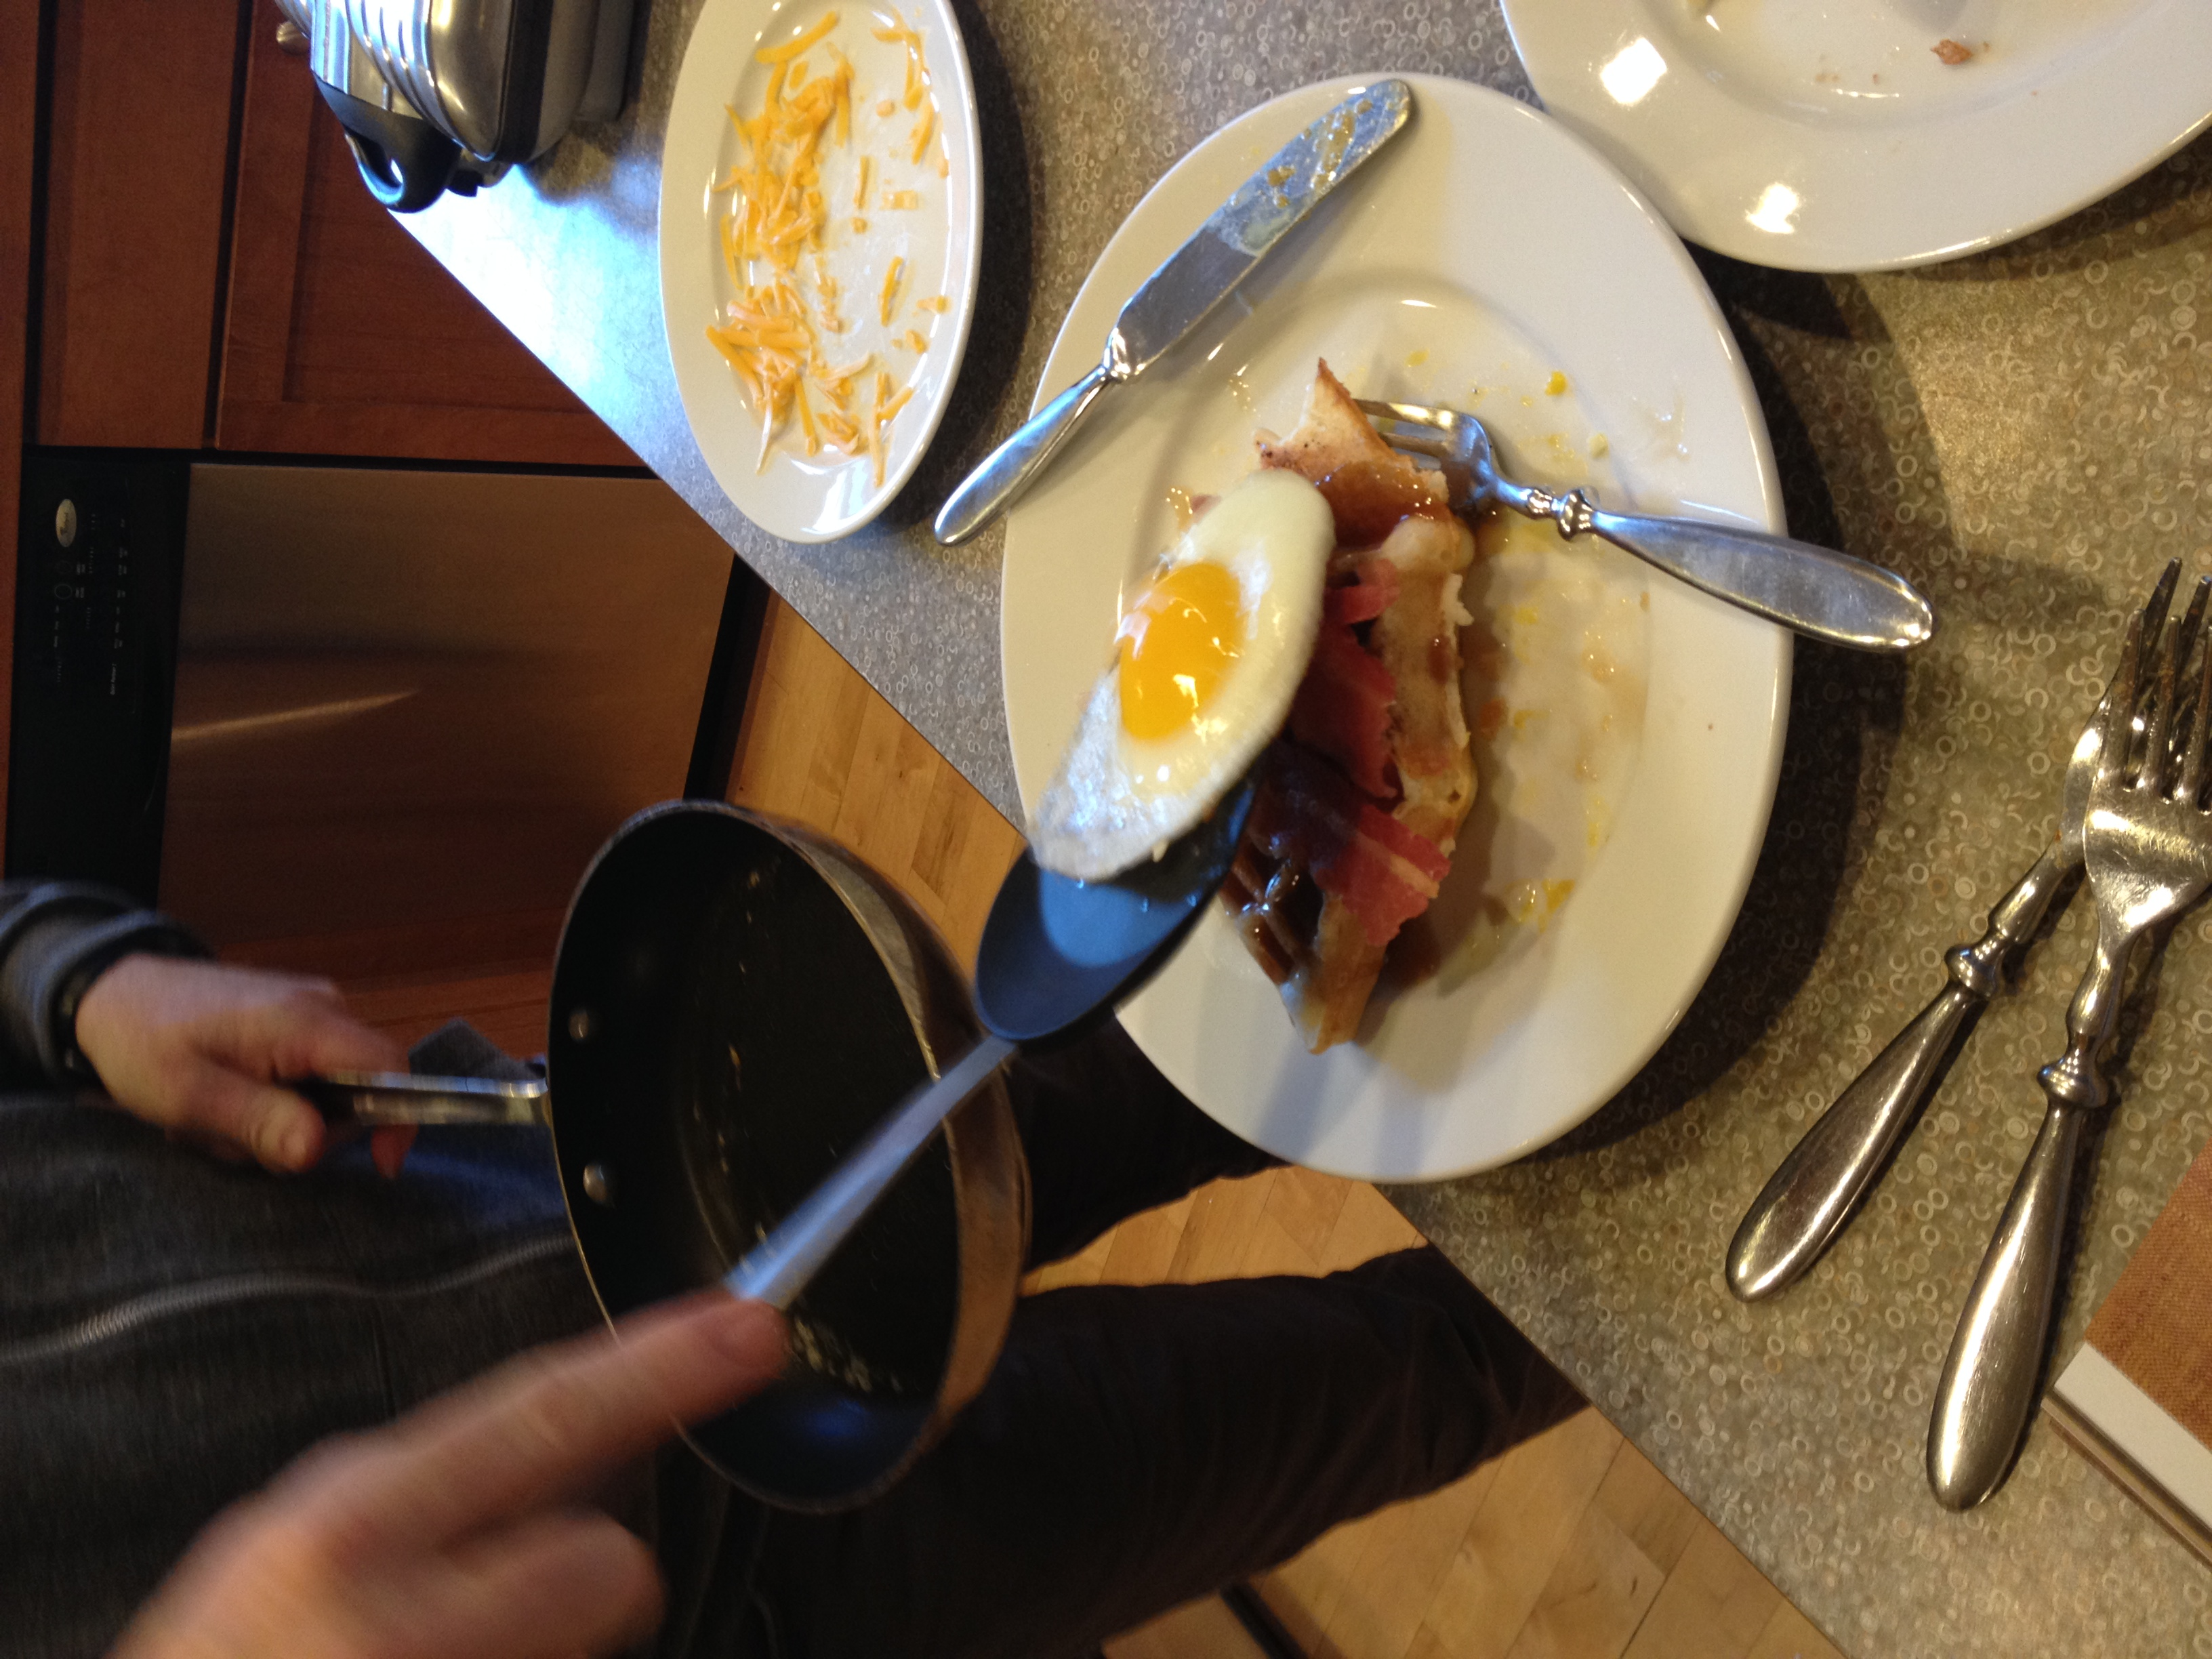 010414 making breakfast (2).JPG